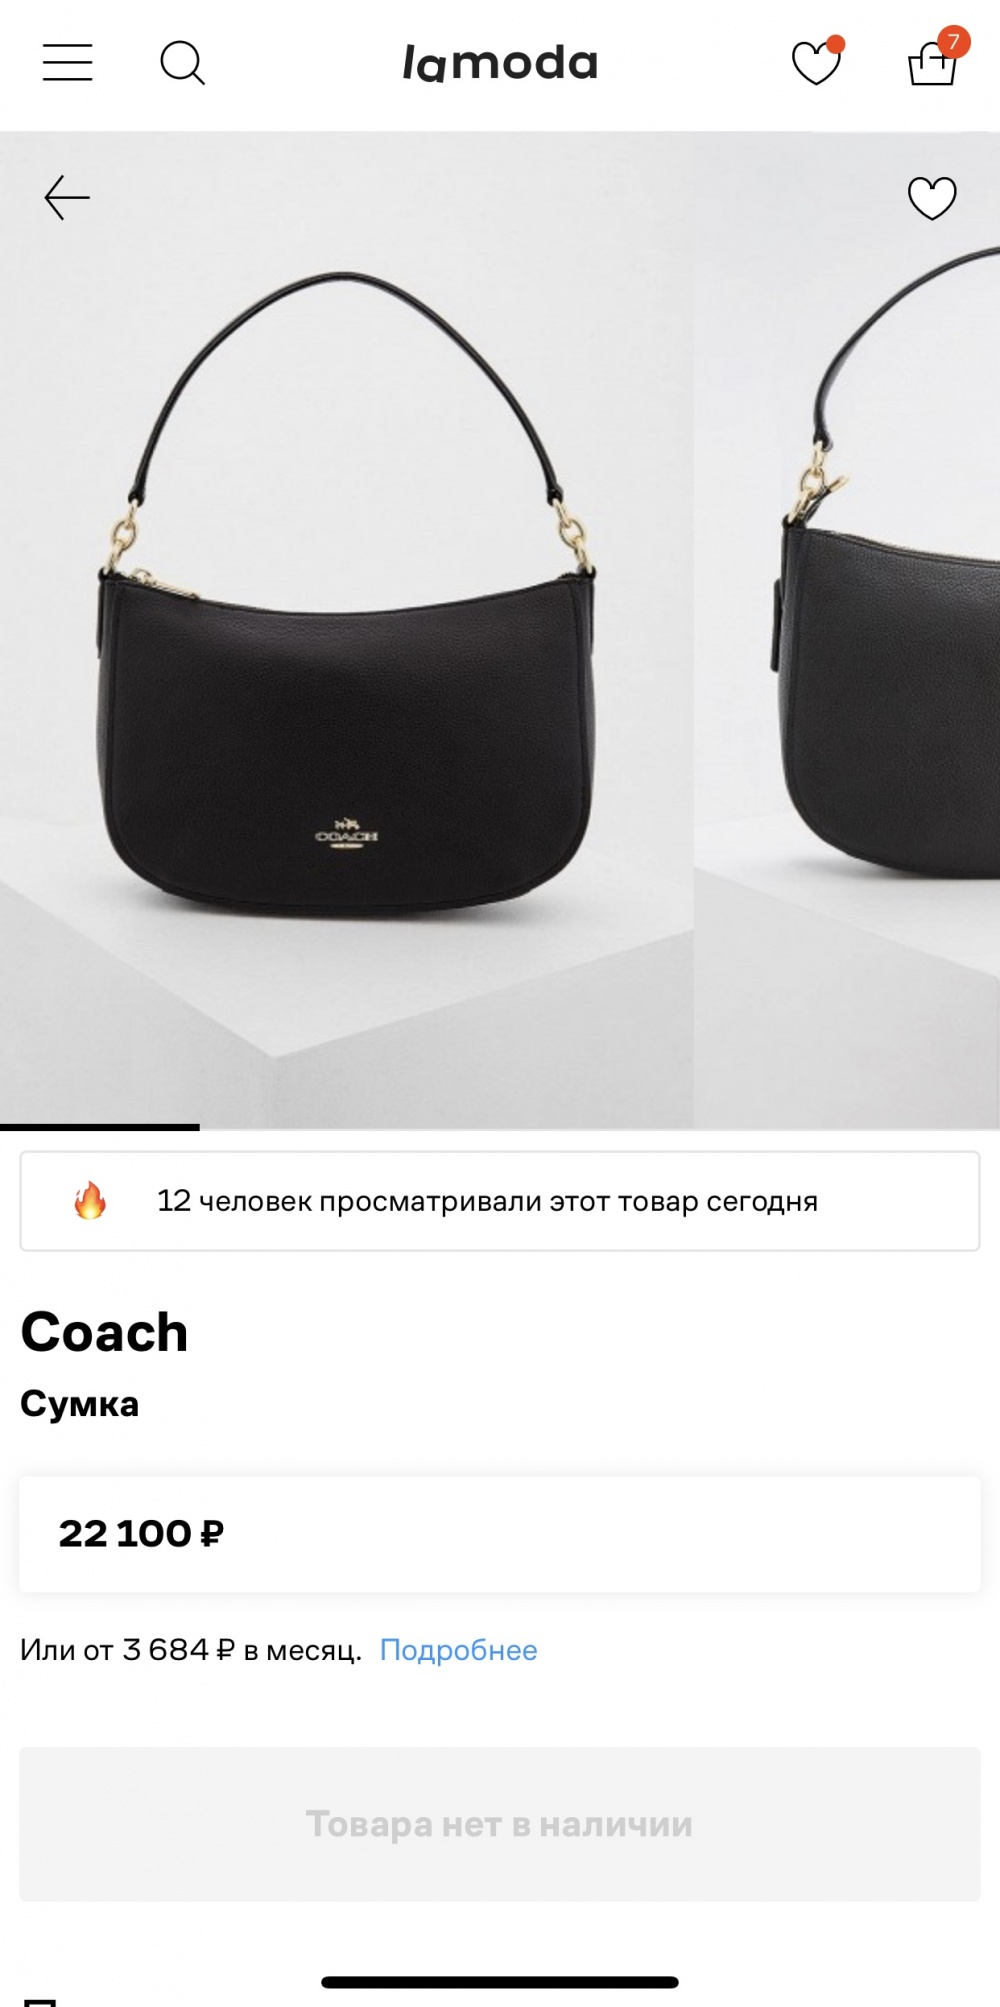 Сумка-хобо coach